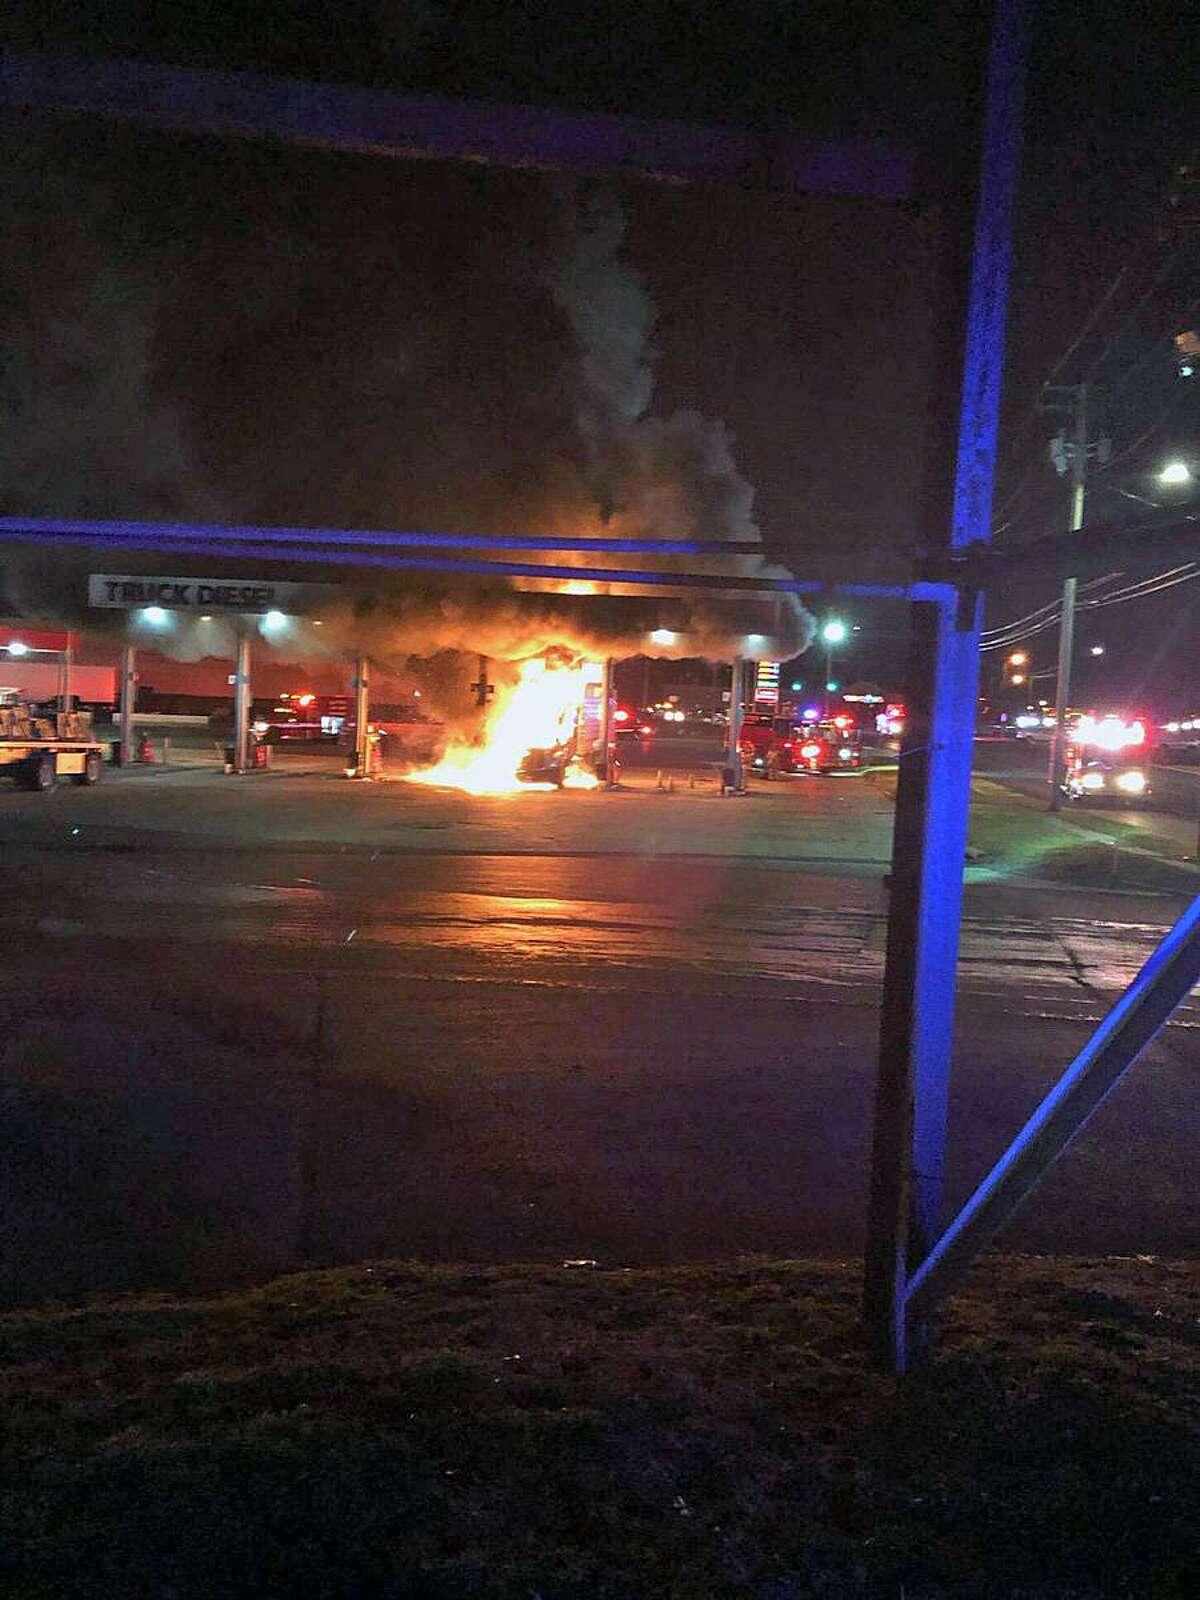 Truck fire in Milford, Conn., on Jan. 3, 2019.